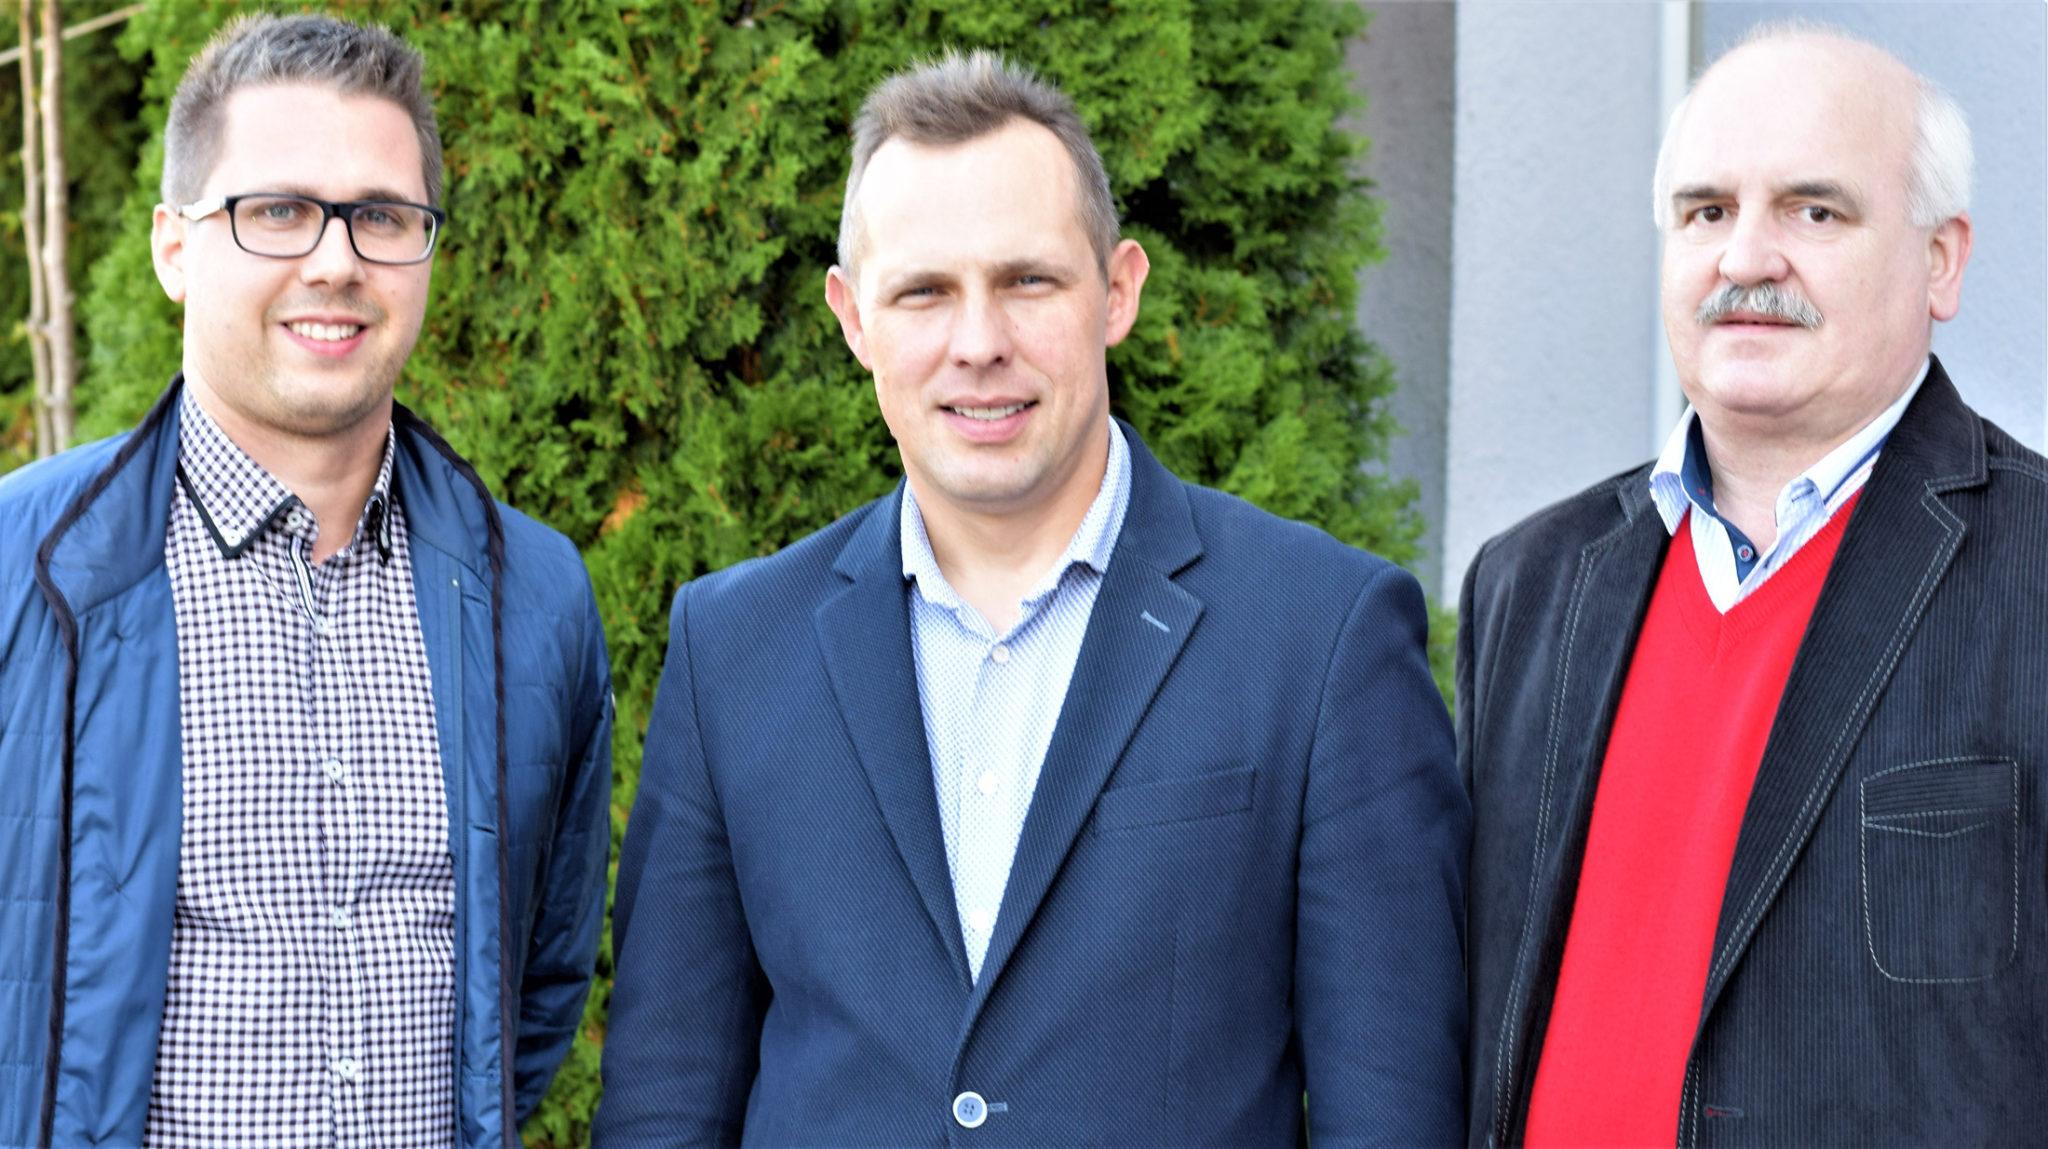 Od lewej - Dawid Malinowski, Kamil Dzikiewicz i Jerzy Bartnaik